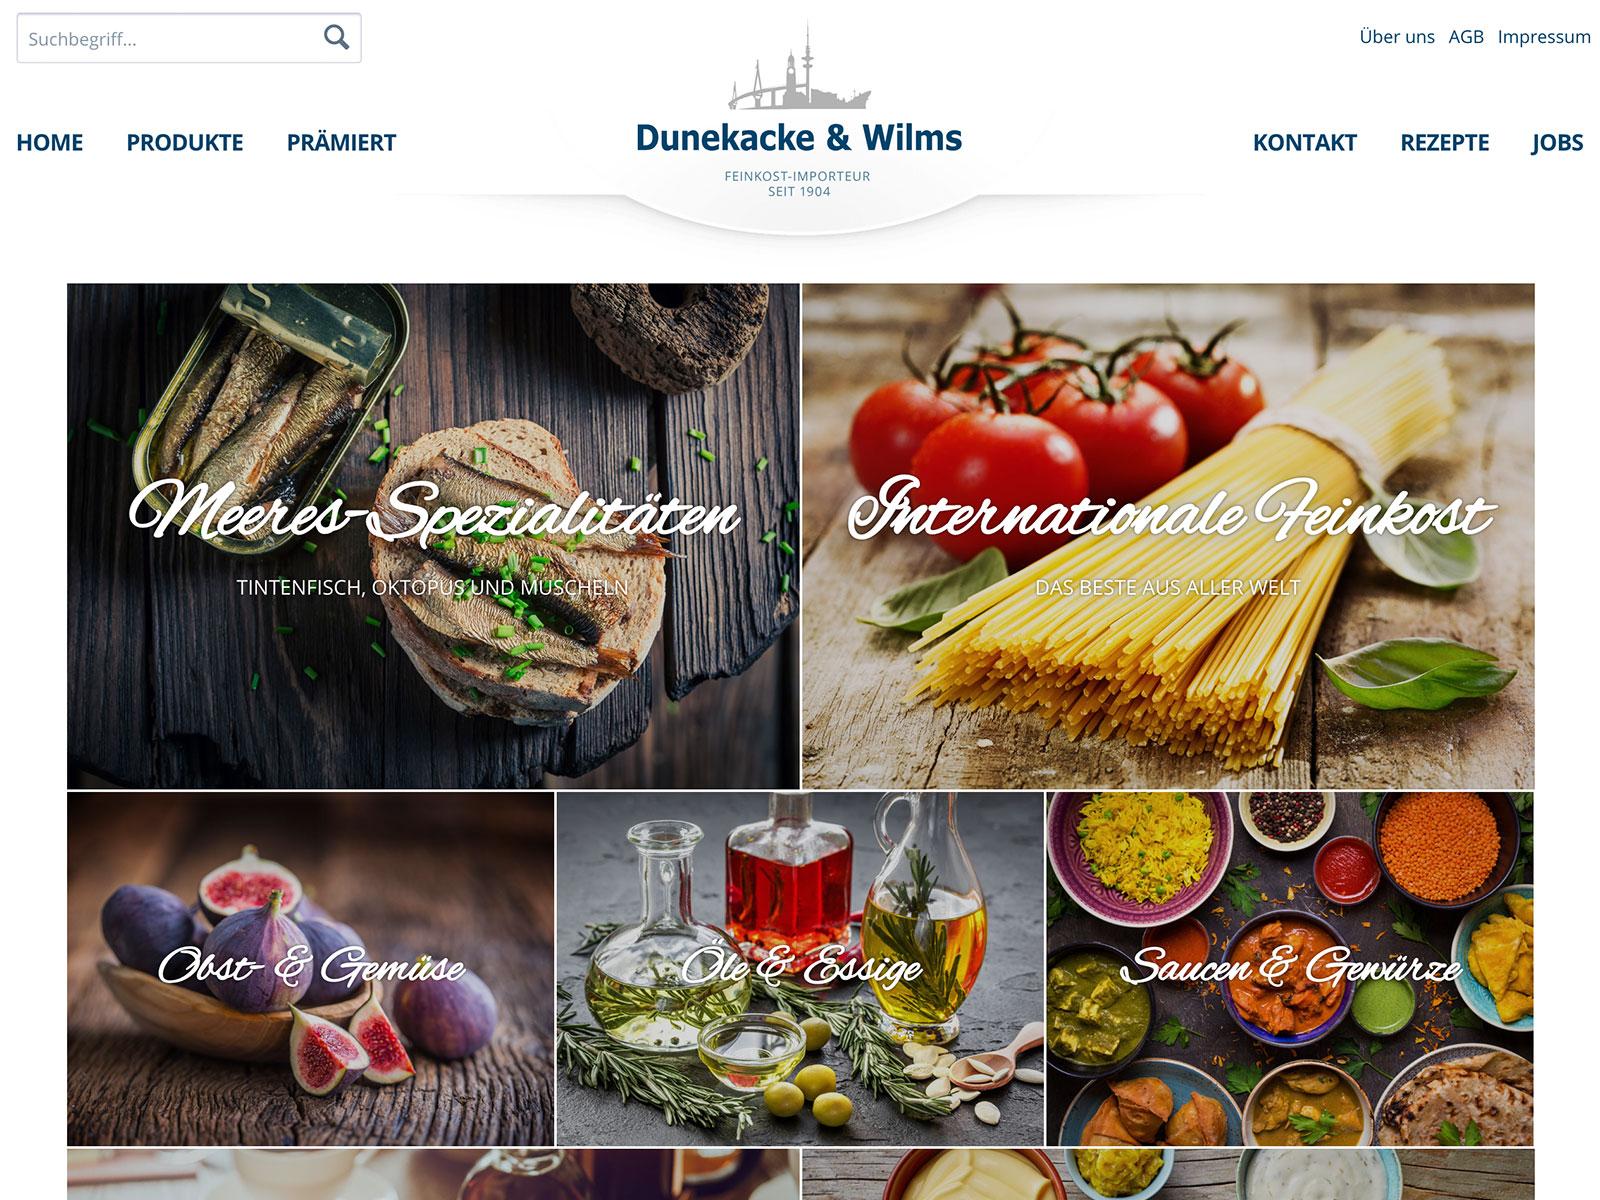 Shopware Design und Entwicklung für Dunekacke & Wilms Feinkost